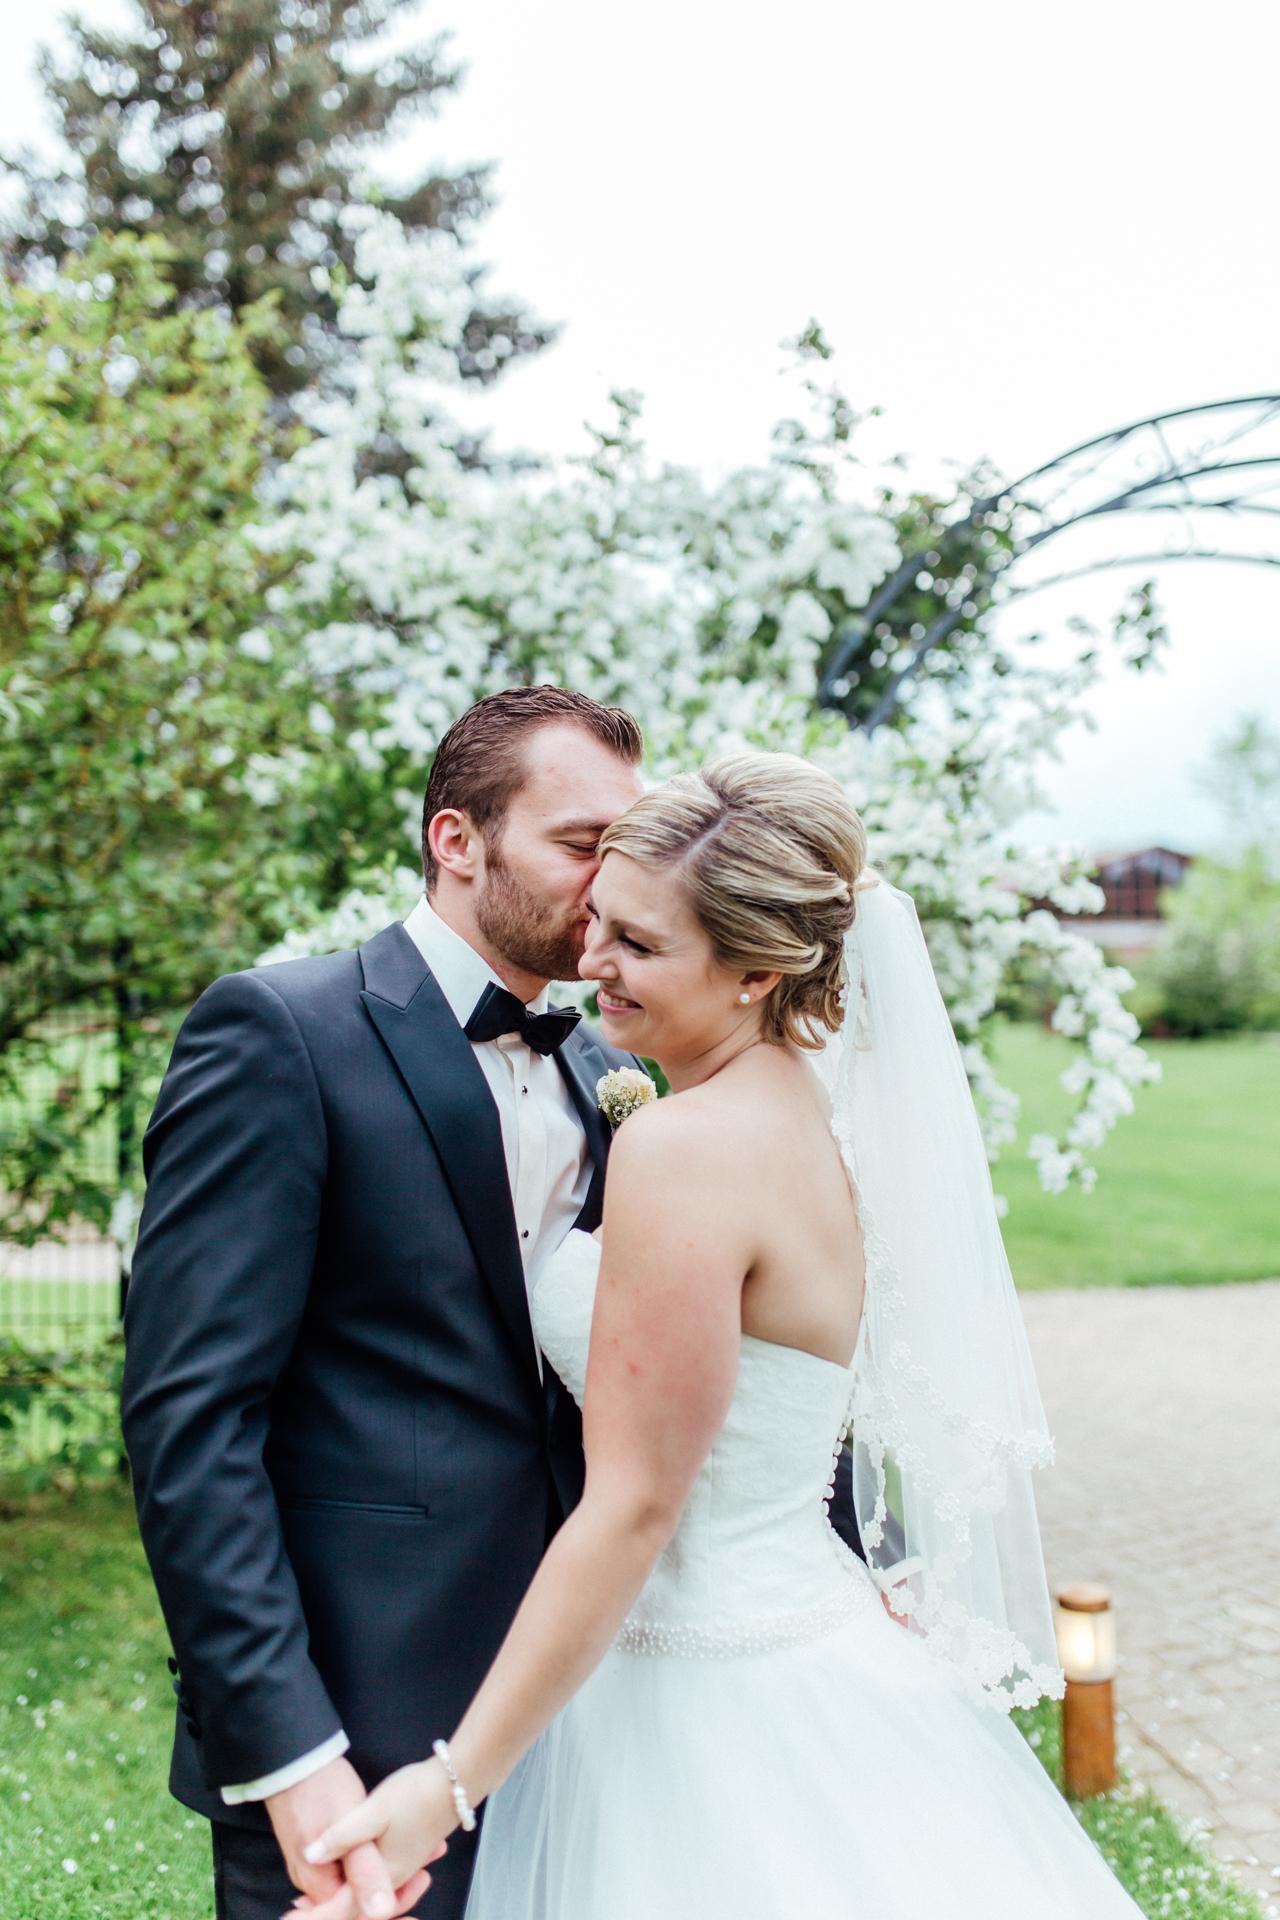 Hochzeit Eventscheune Dagobertshausen - Julia & Florian - Sandra Socha Fotografie - 80